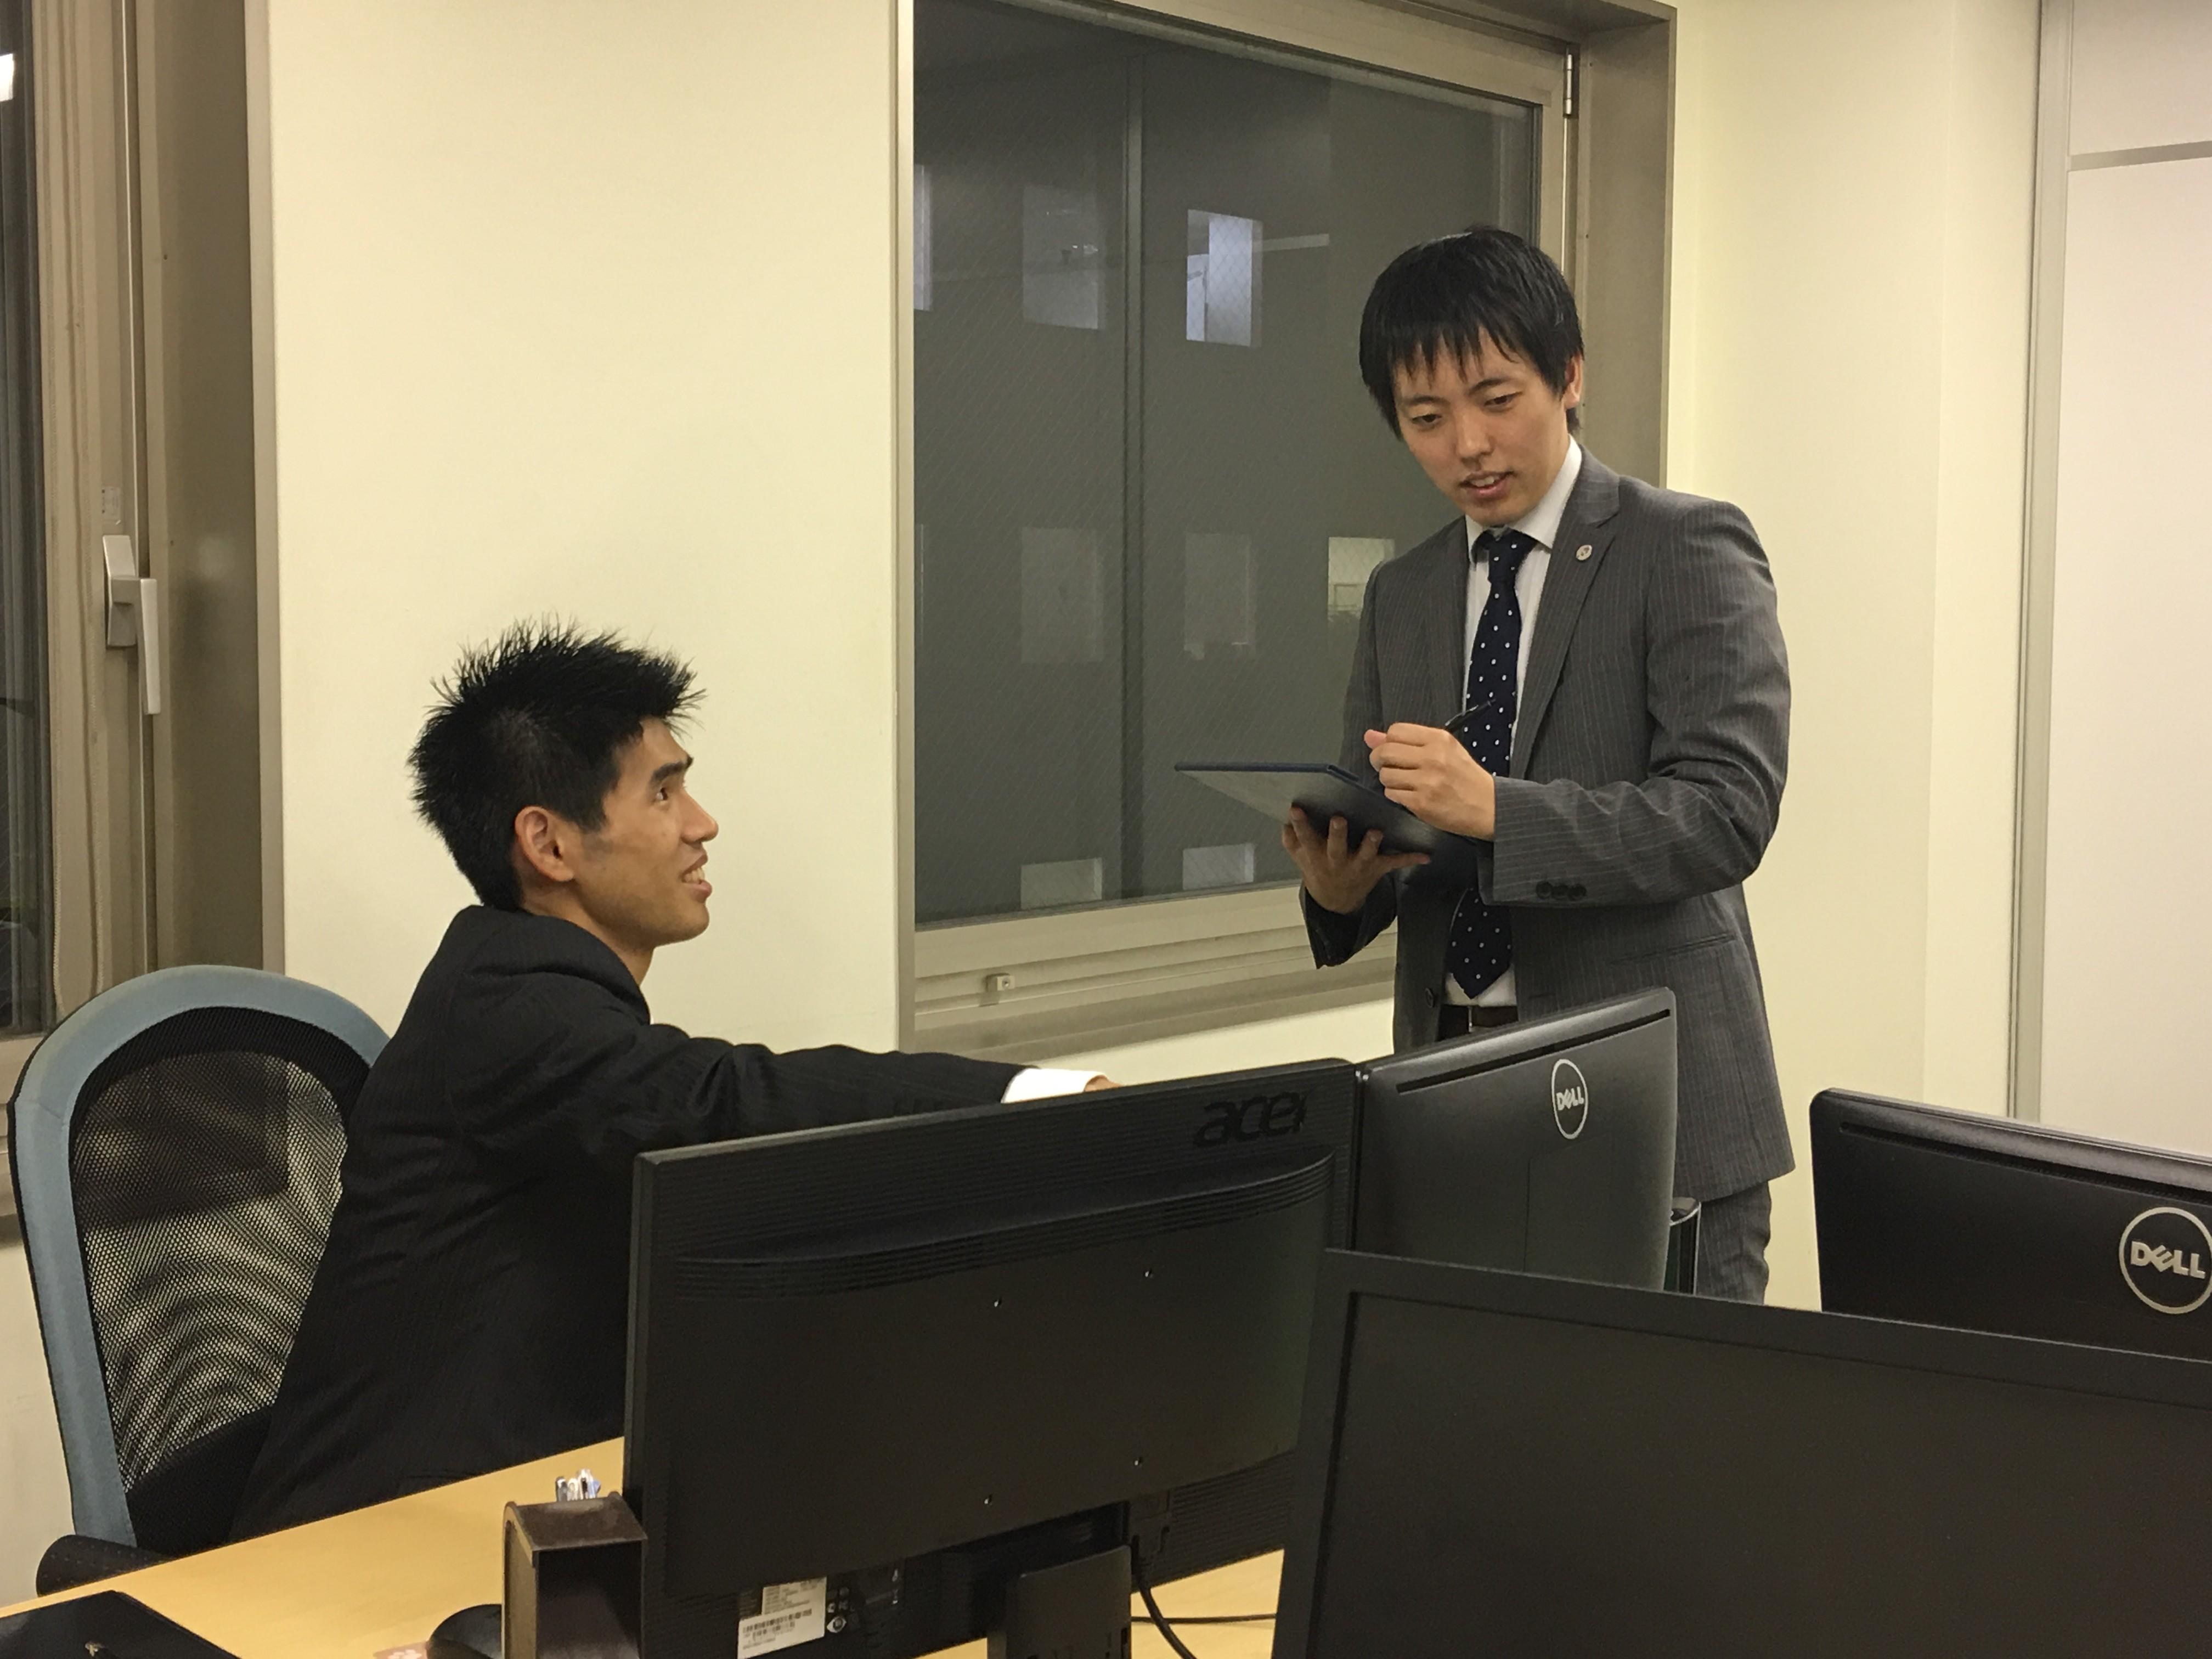 日本メディカル株式会社 千葉事業所 のアルバイト情報